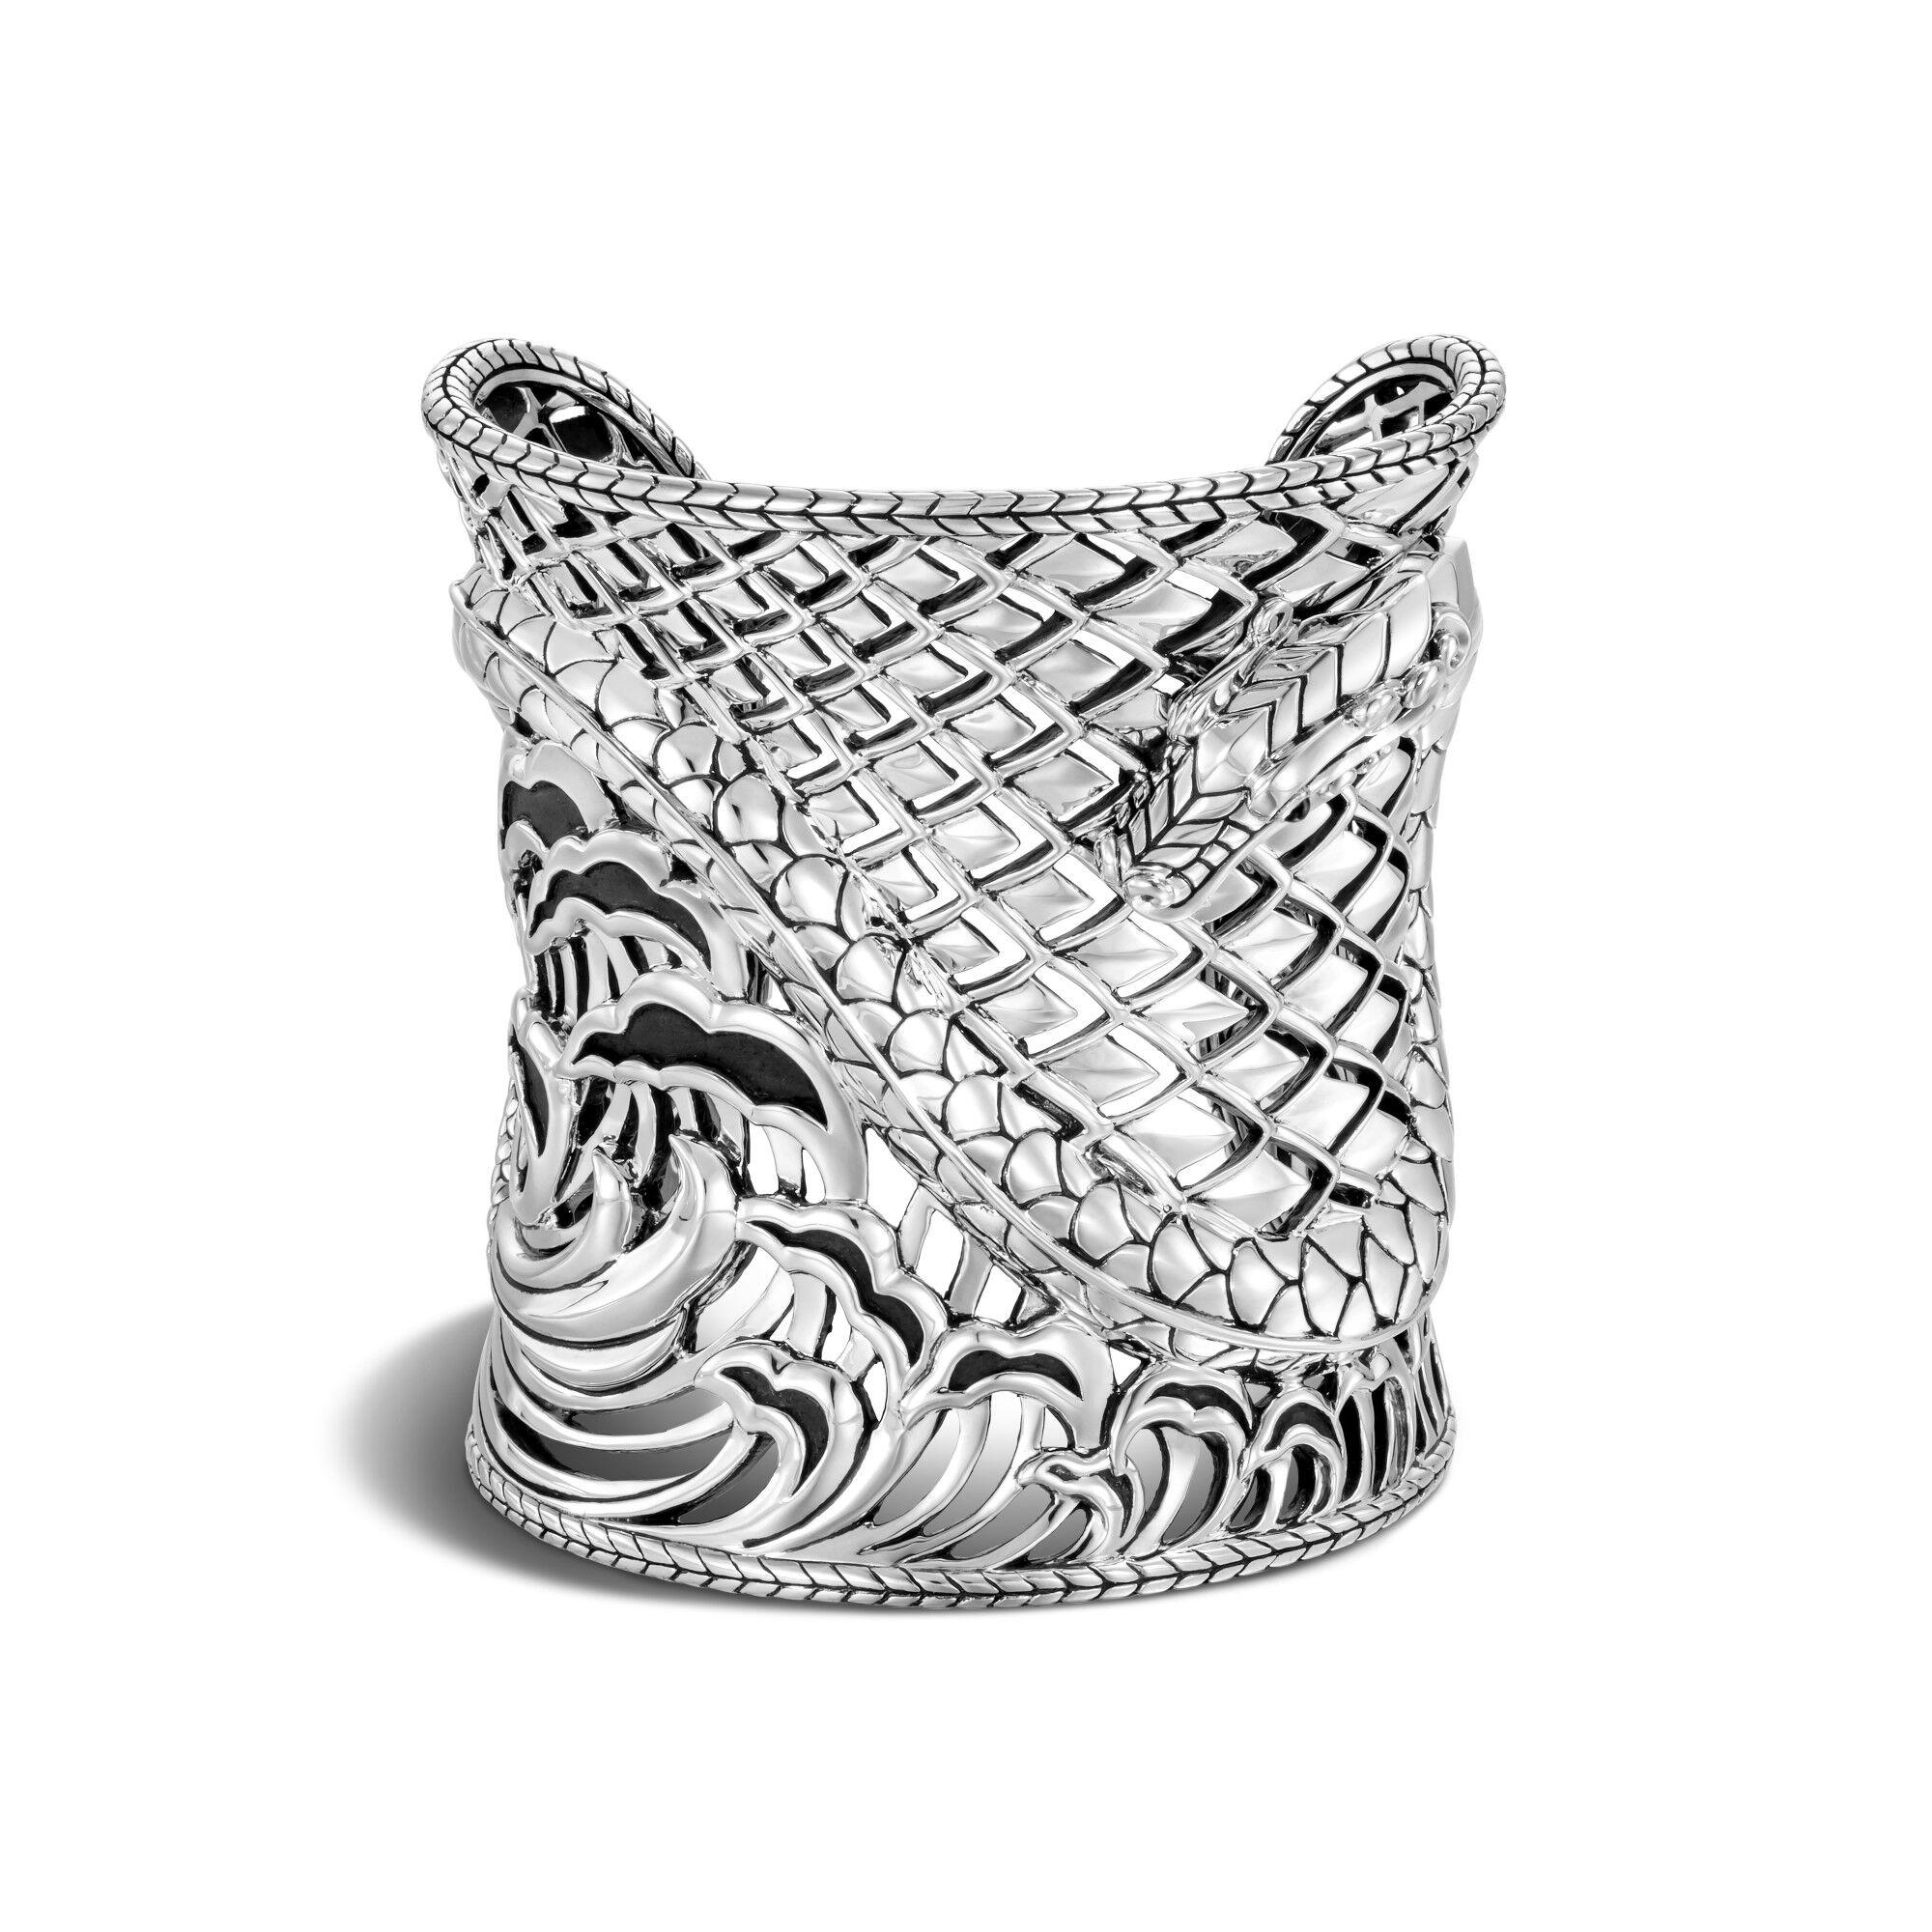 Legends Naga Cuff in Silver, , large